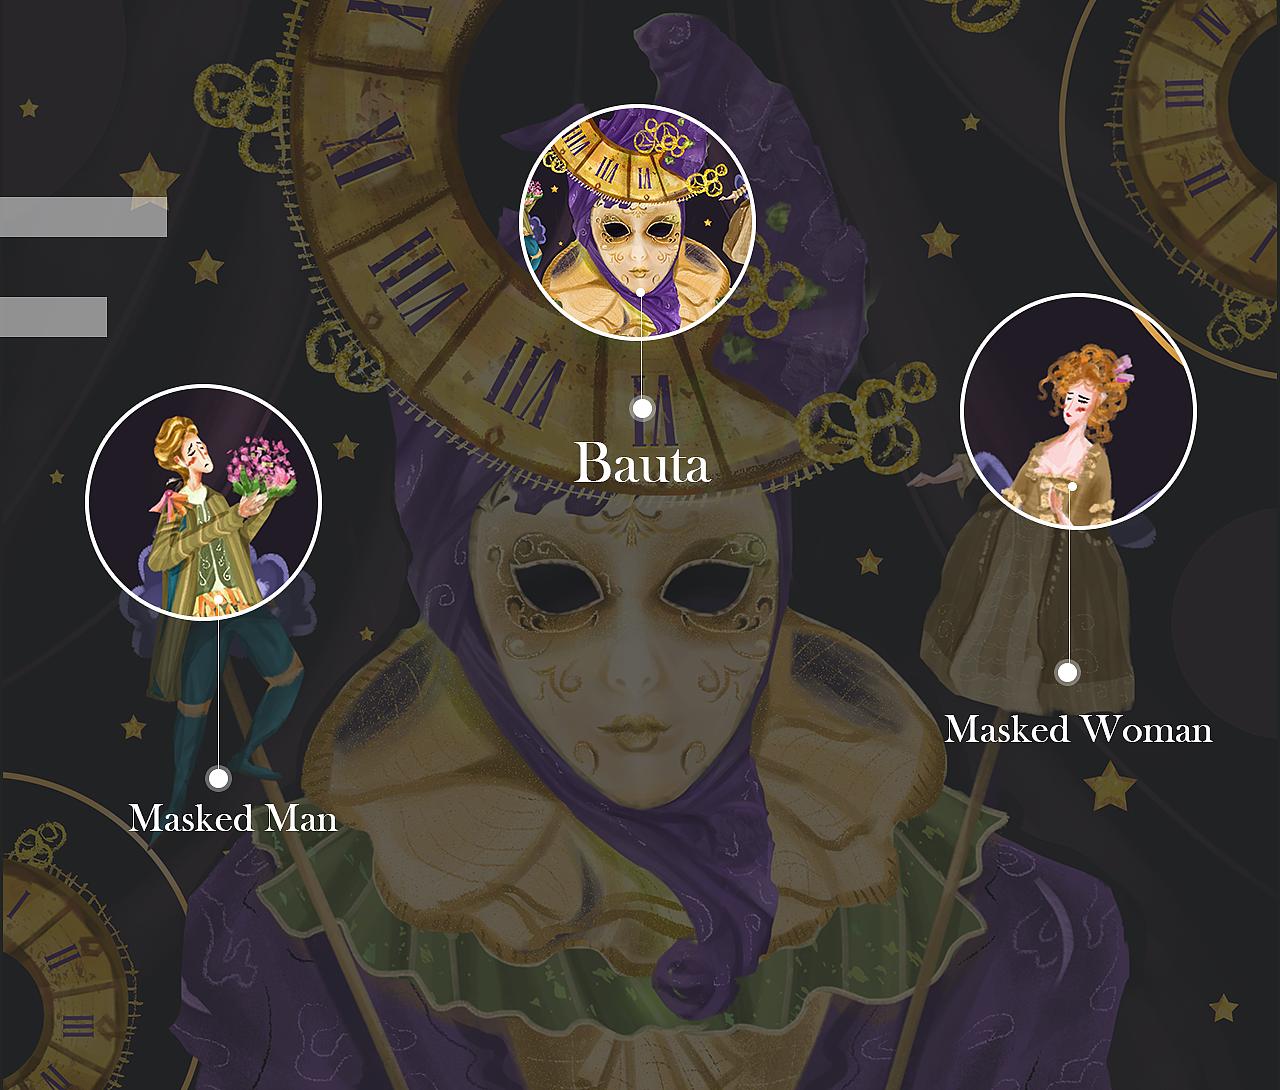 埃及王子主题歌_Mask-趣味面具|插画|插画习作|清芽目YamuQ - 原创作品 - 站酷 (ZCOOL)